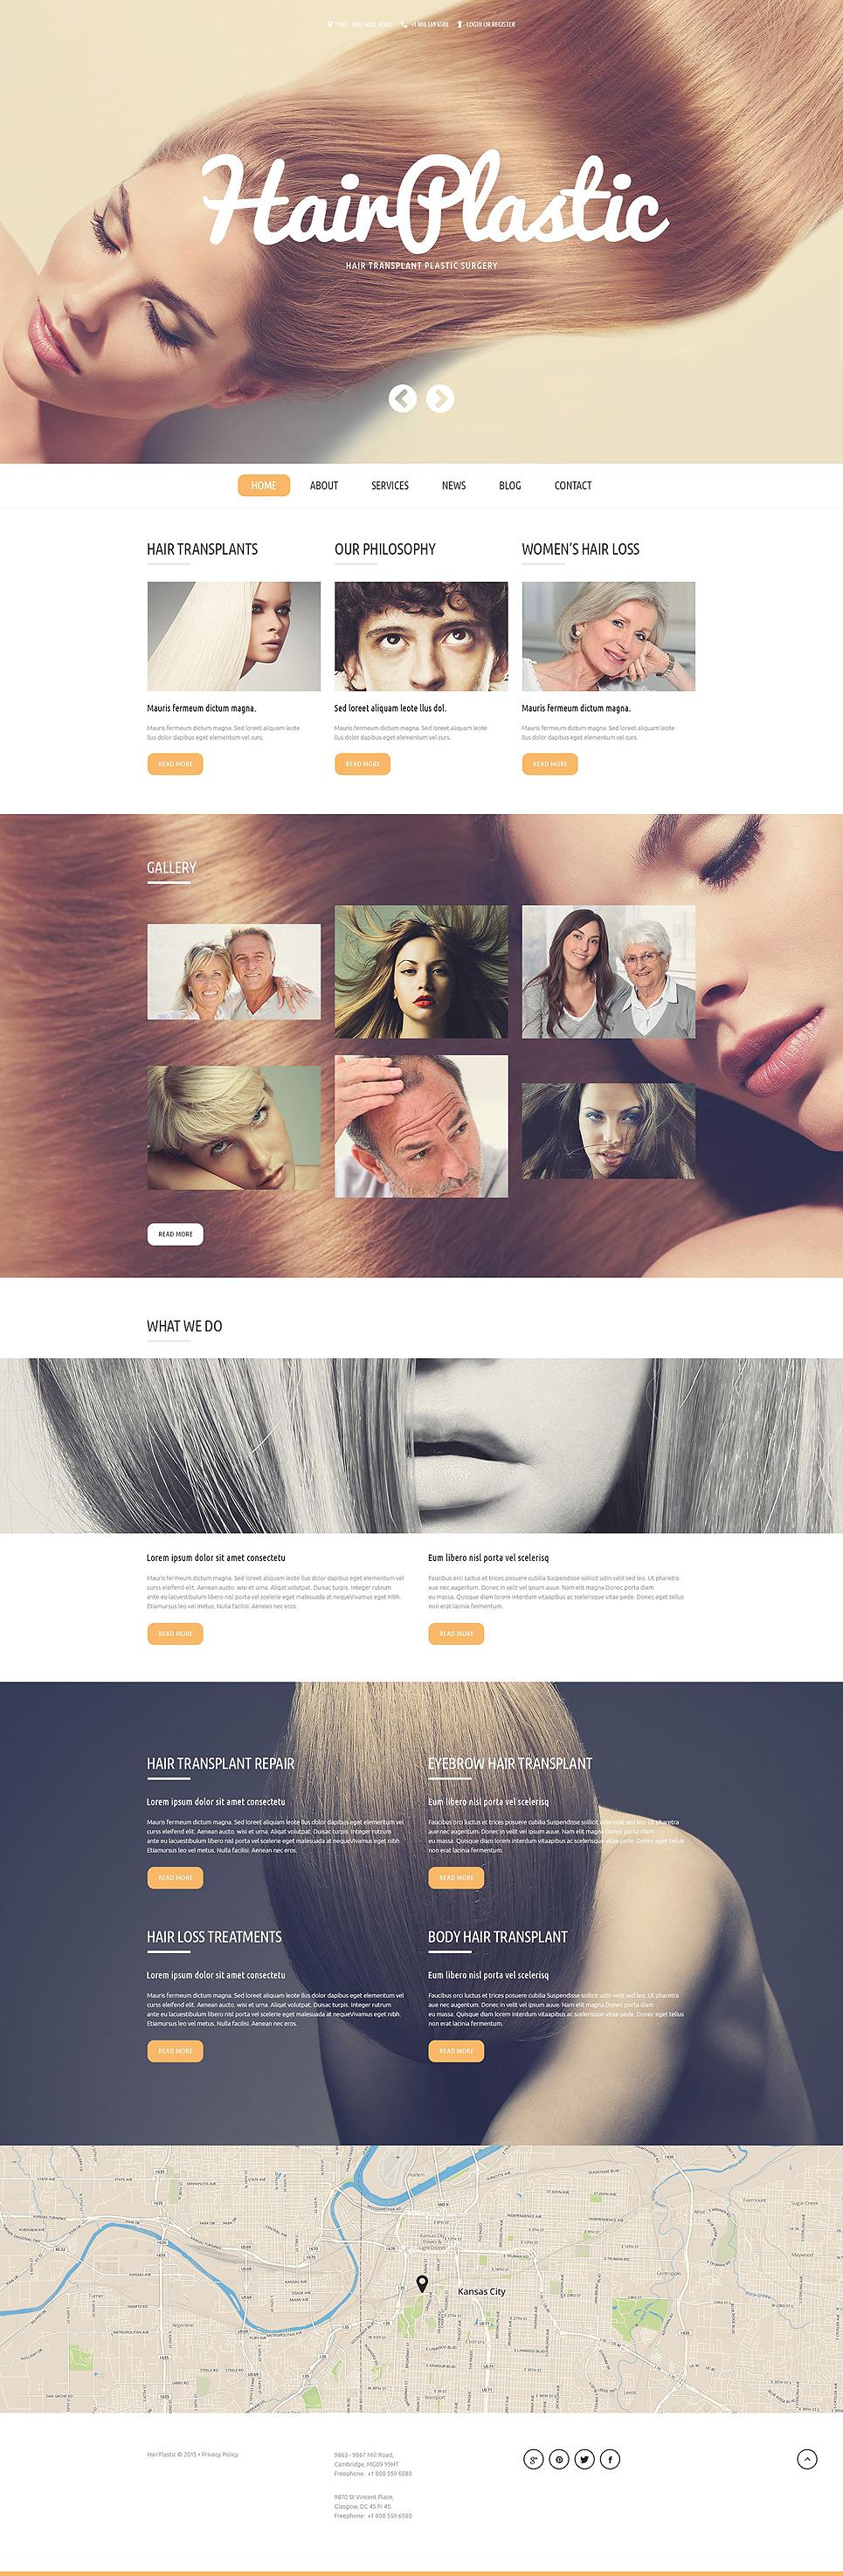 Адаптивный шаблон сайта на тему клиника по пересадке волос #53385